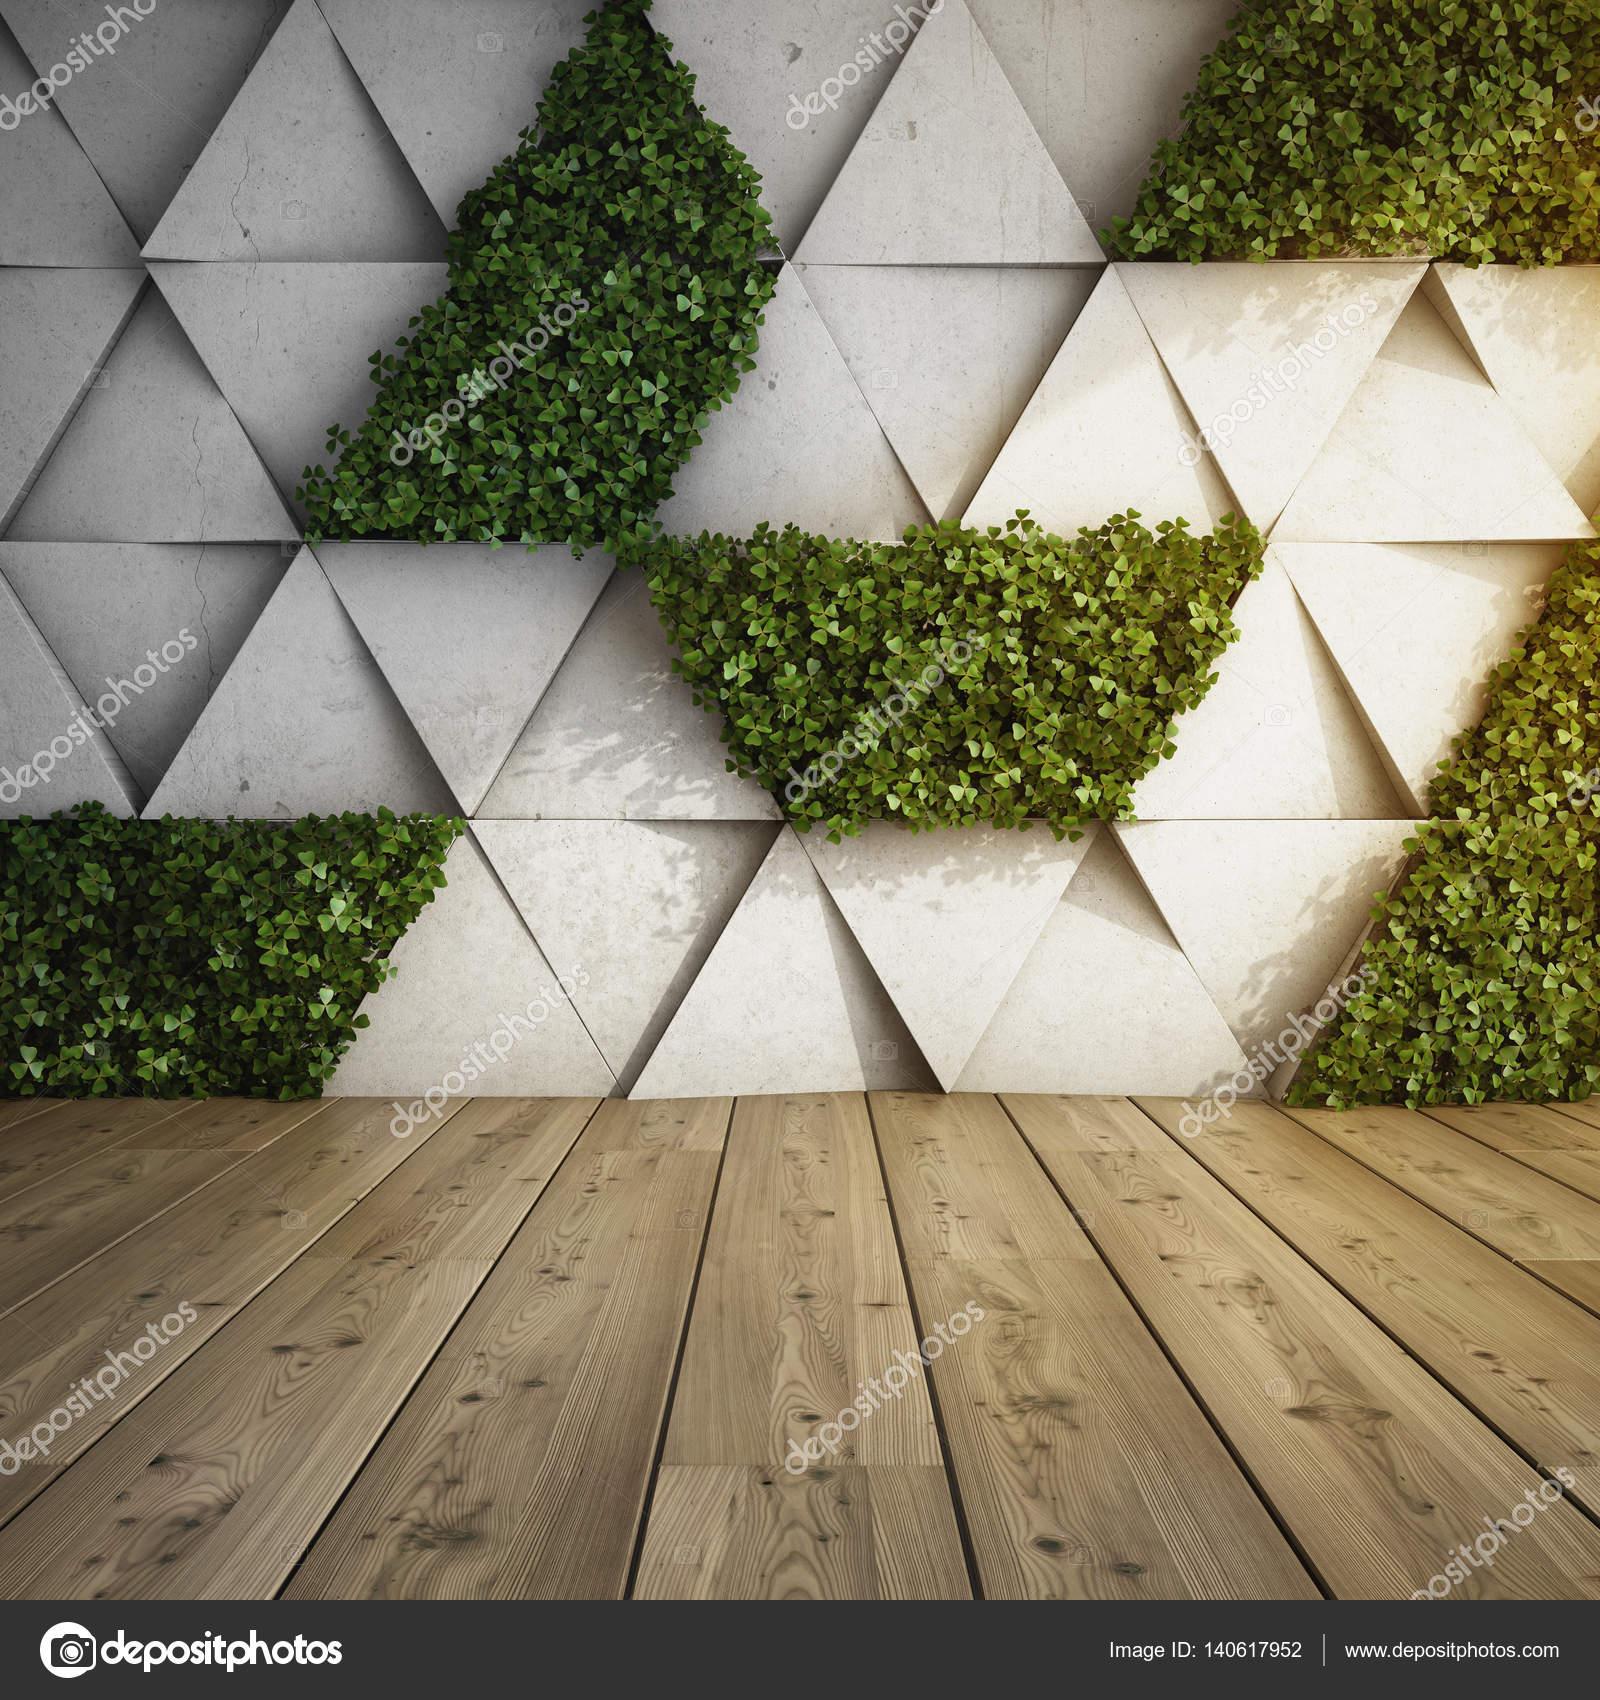 Jardin vertical de interior jardn vertical de interior - Como hacer un jardin vertical de interior ...